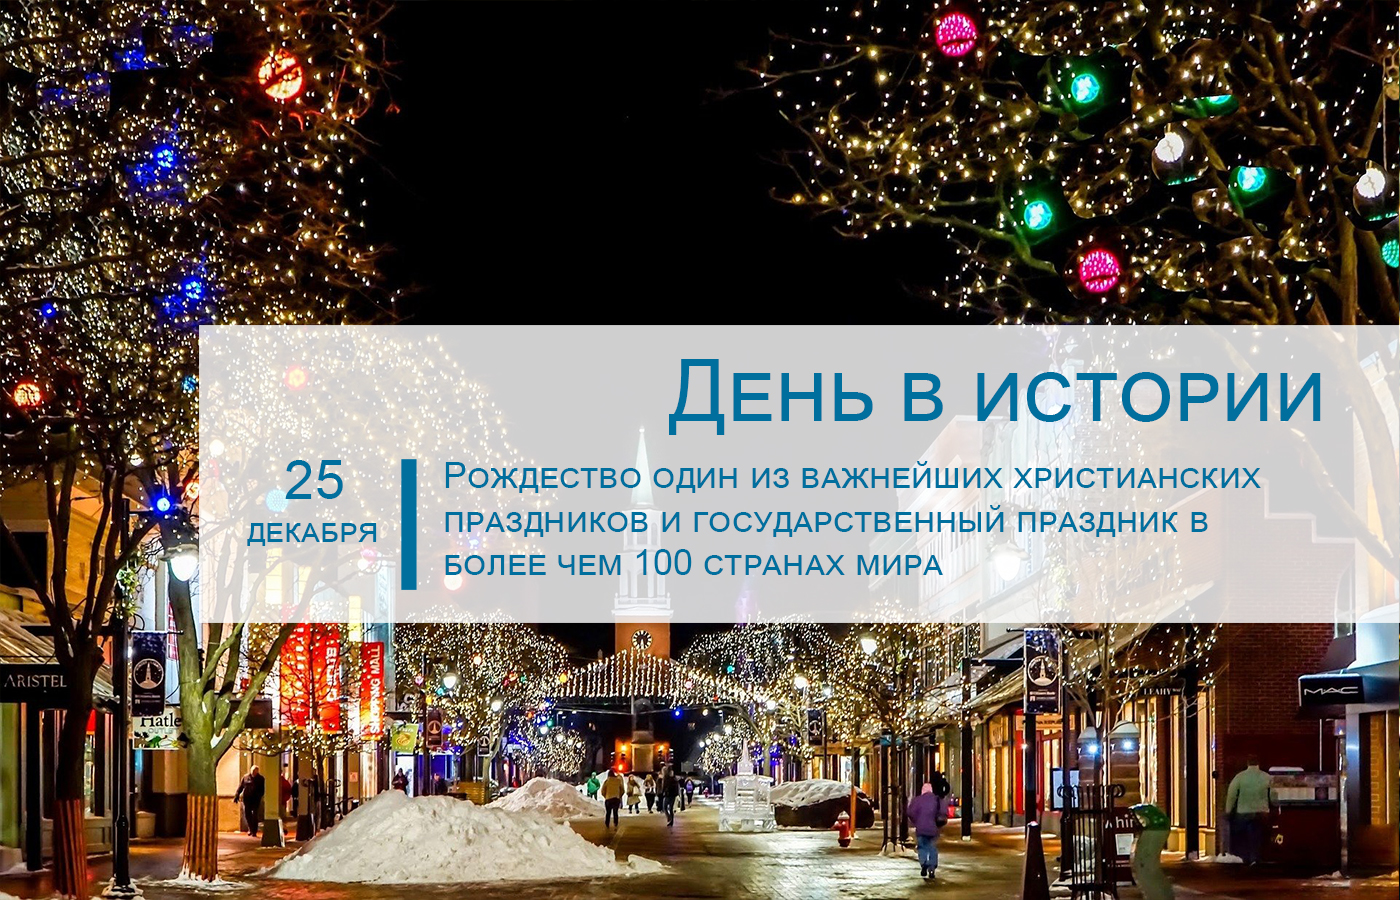 День в истории: 25 декабря